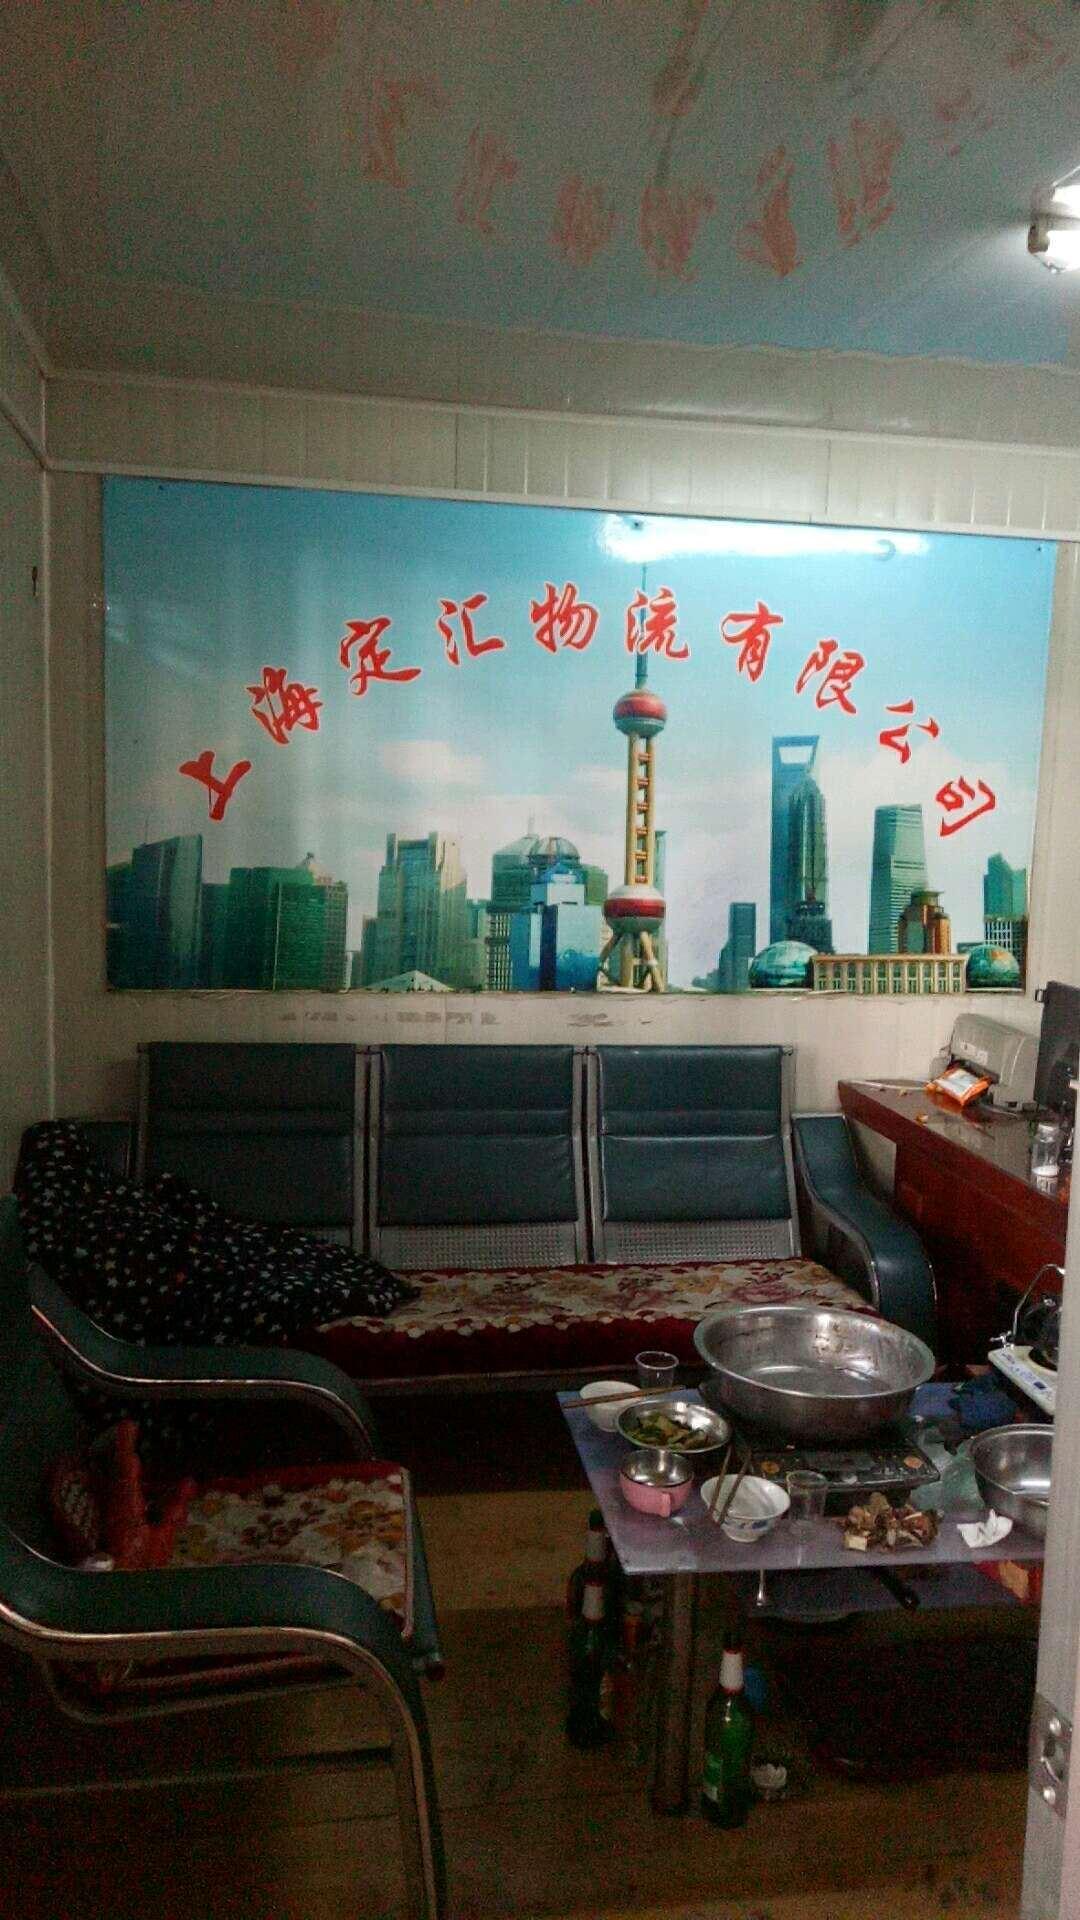 上海到阿坝物流专线(上海定汇物流有限公司)